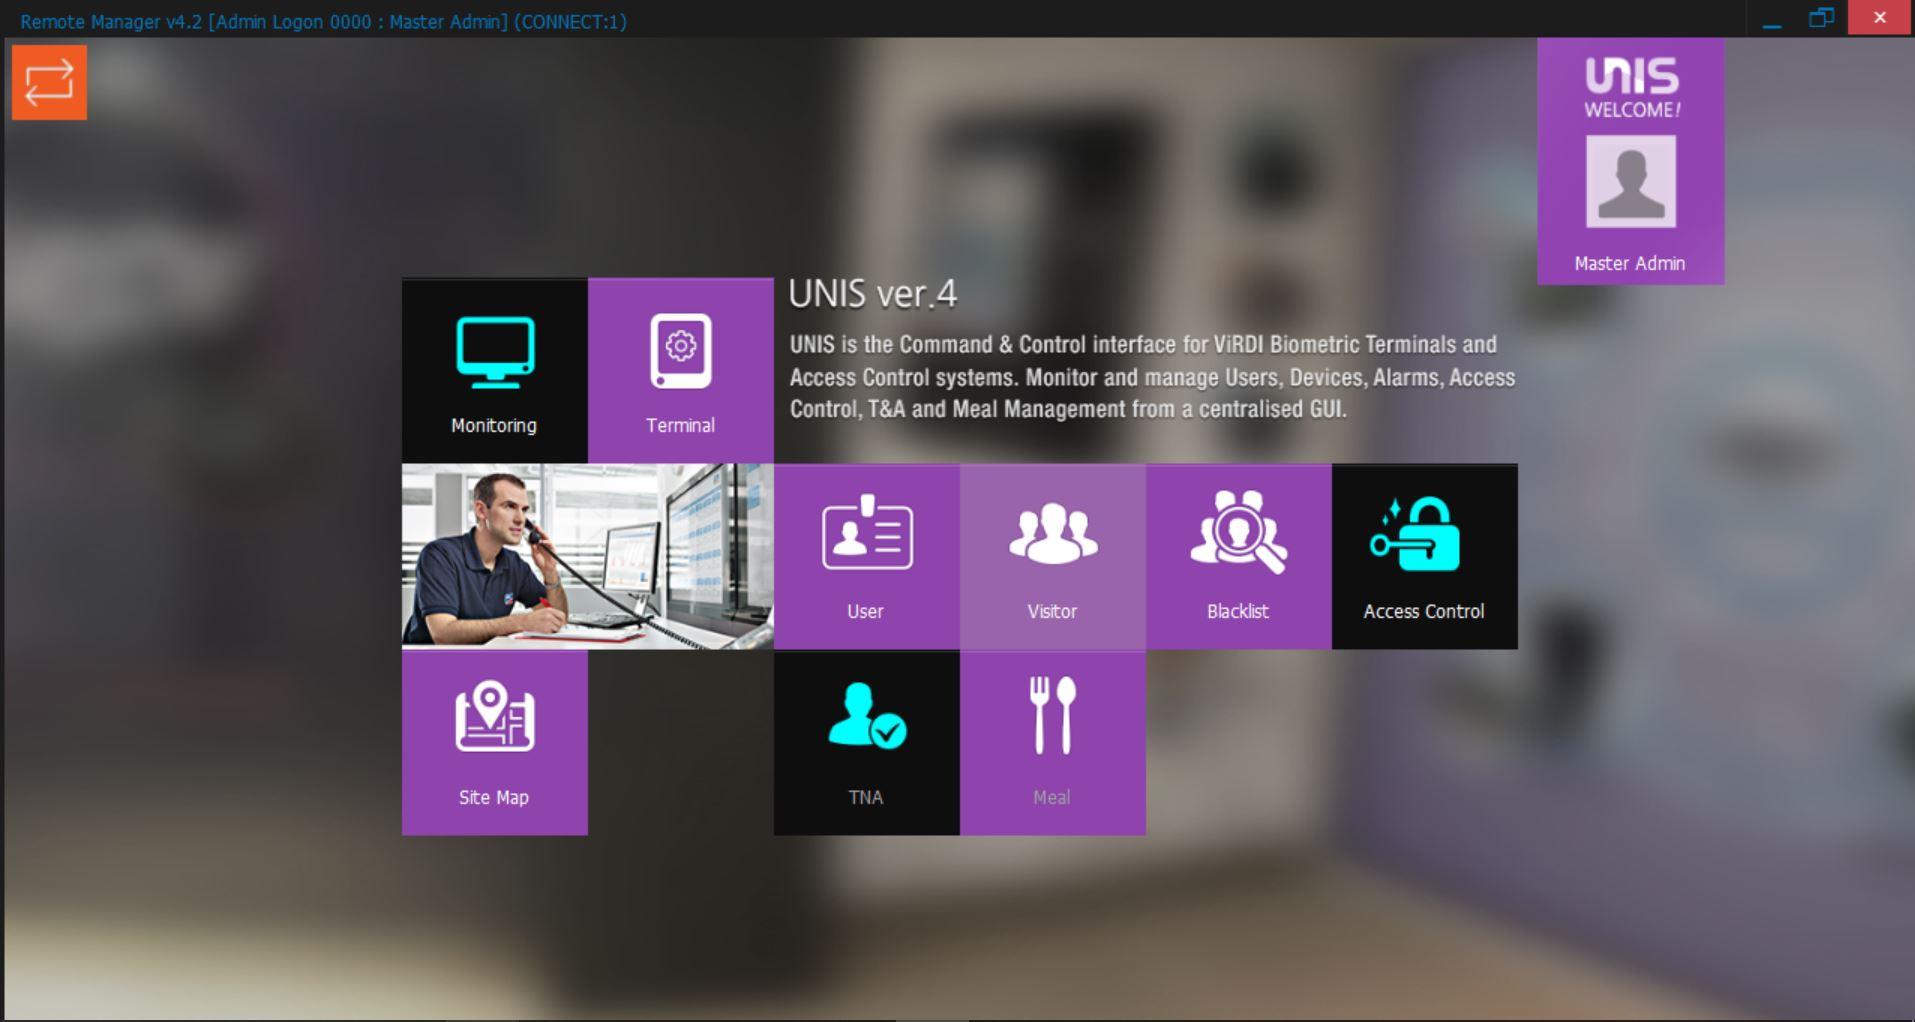 UNIS-access control